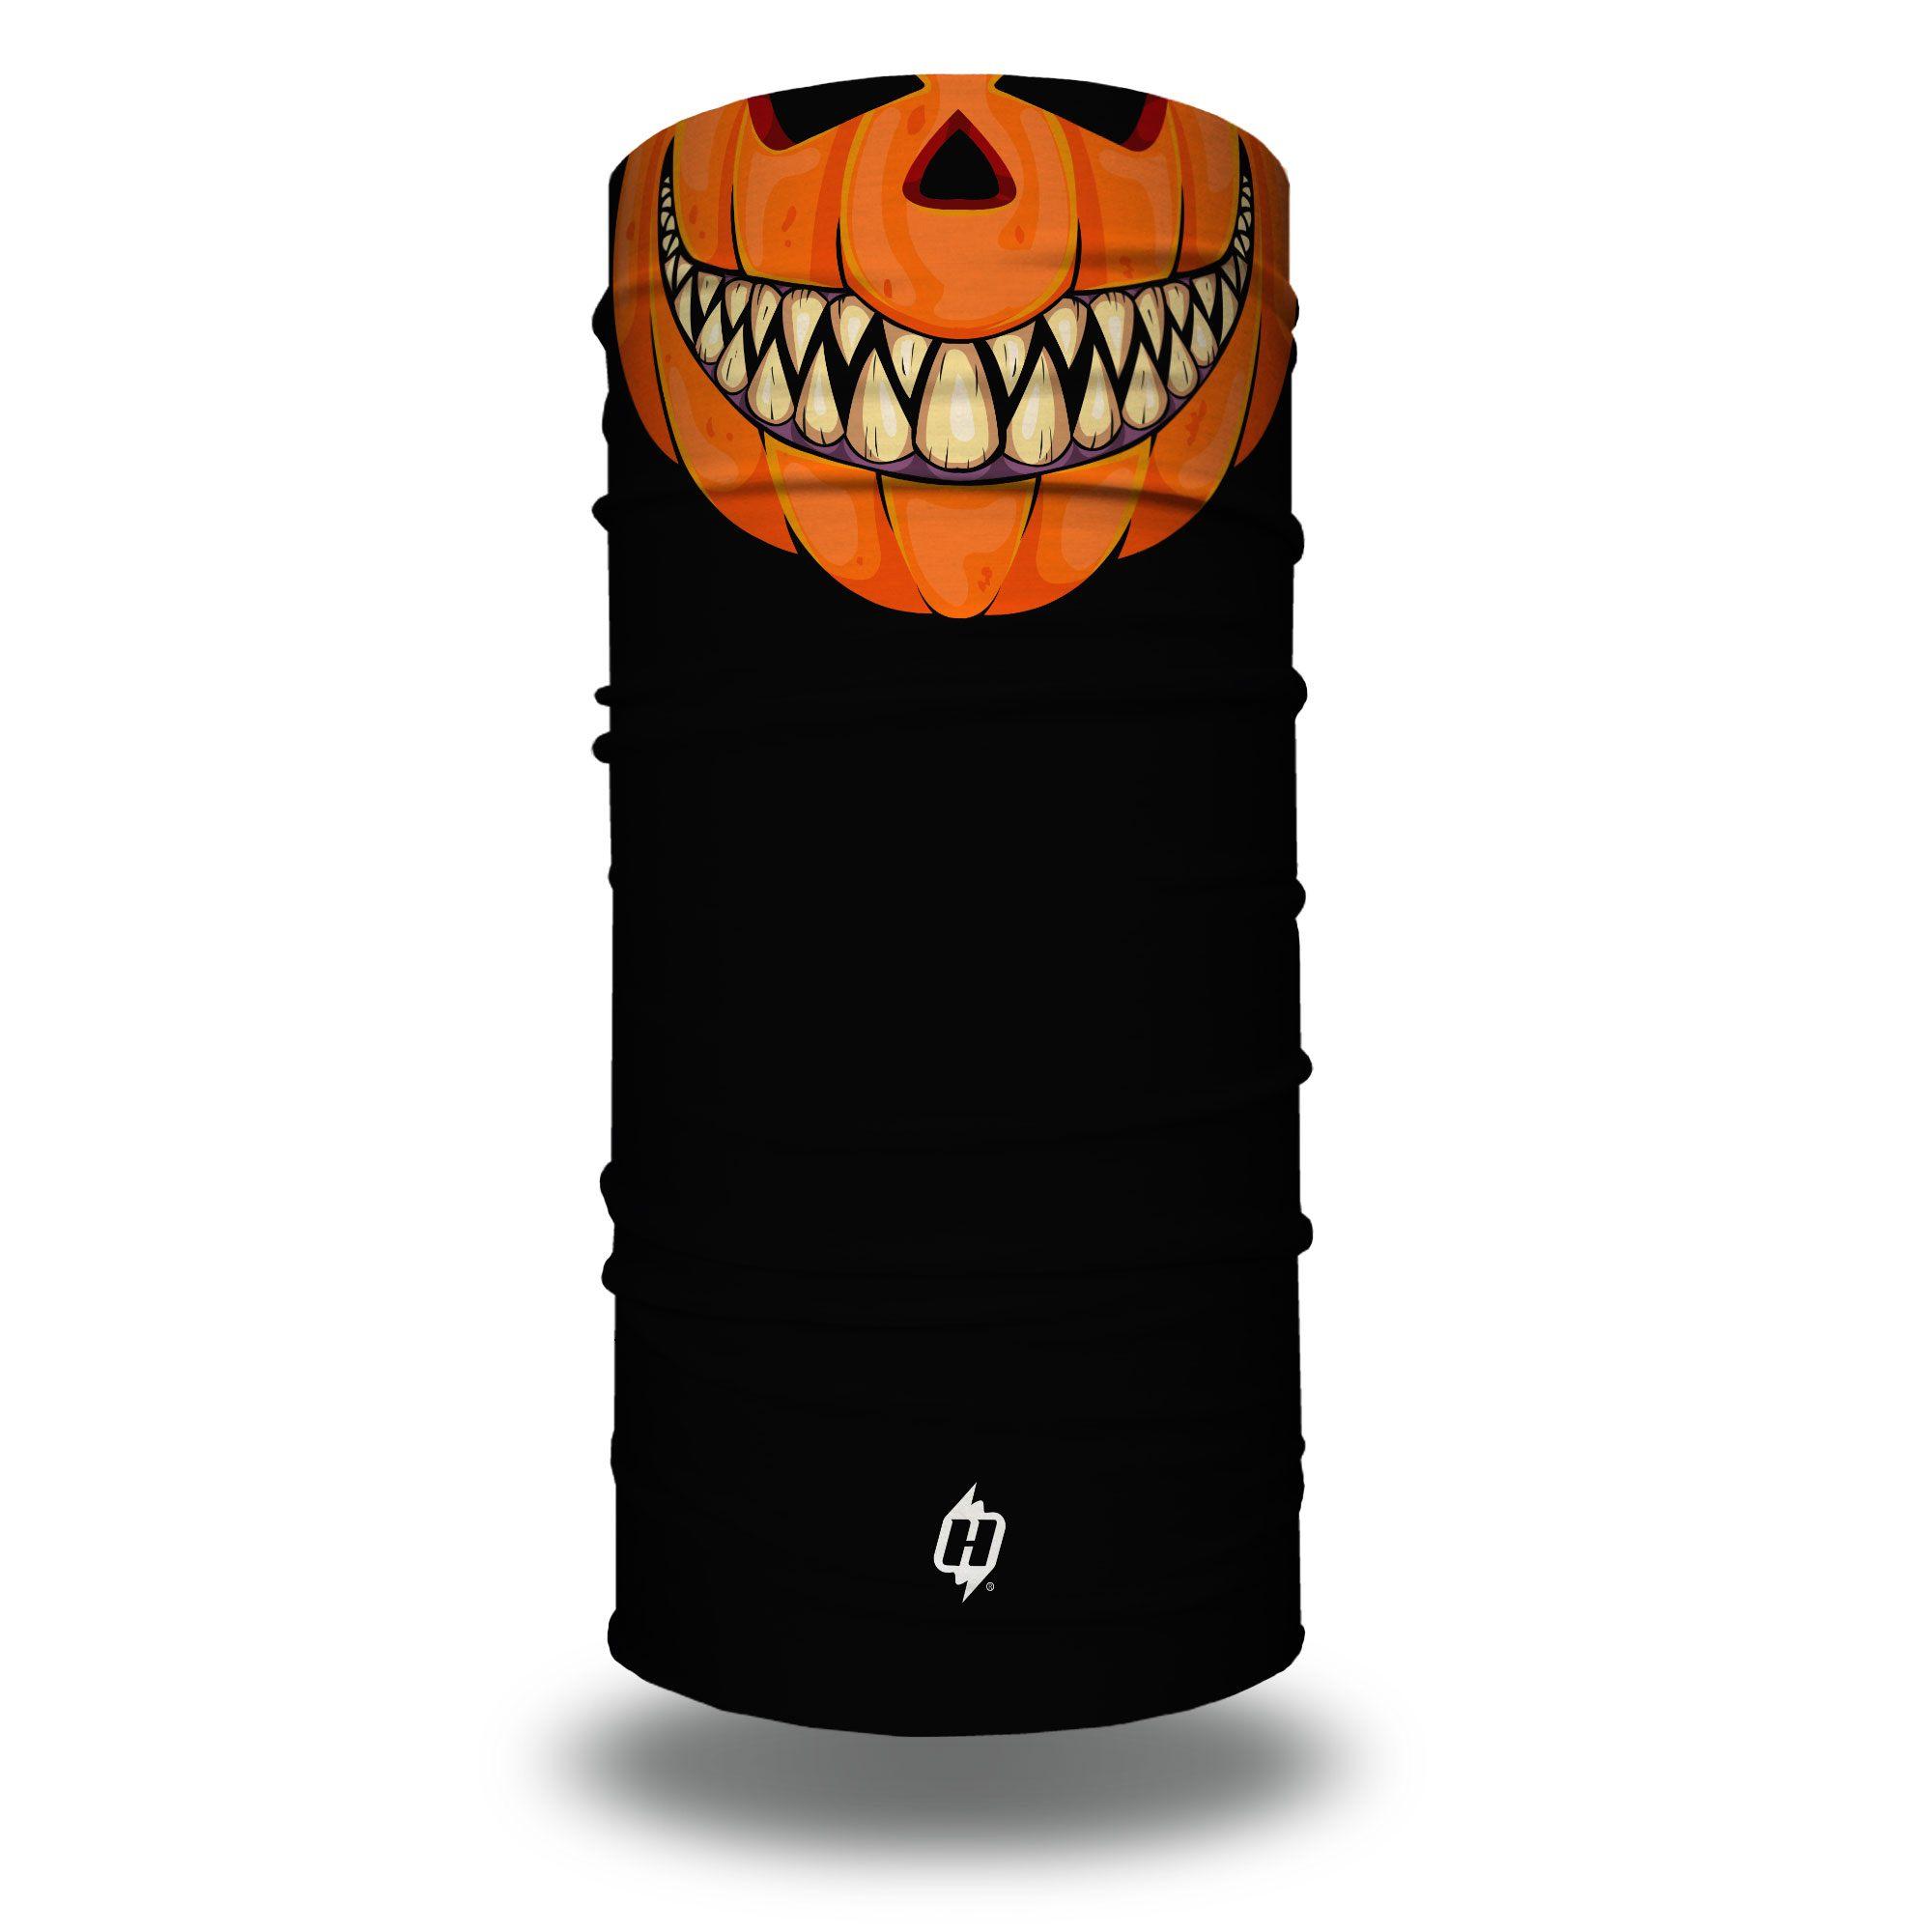 hoorag-face-mask-carved-up